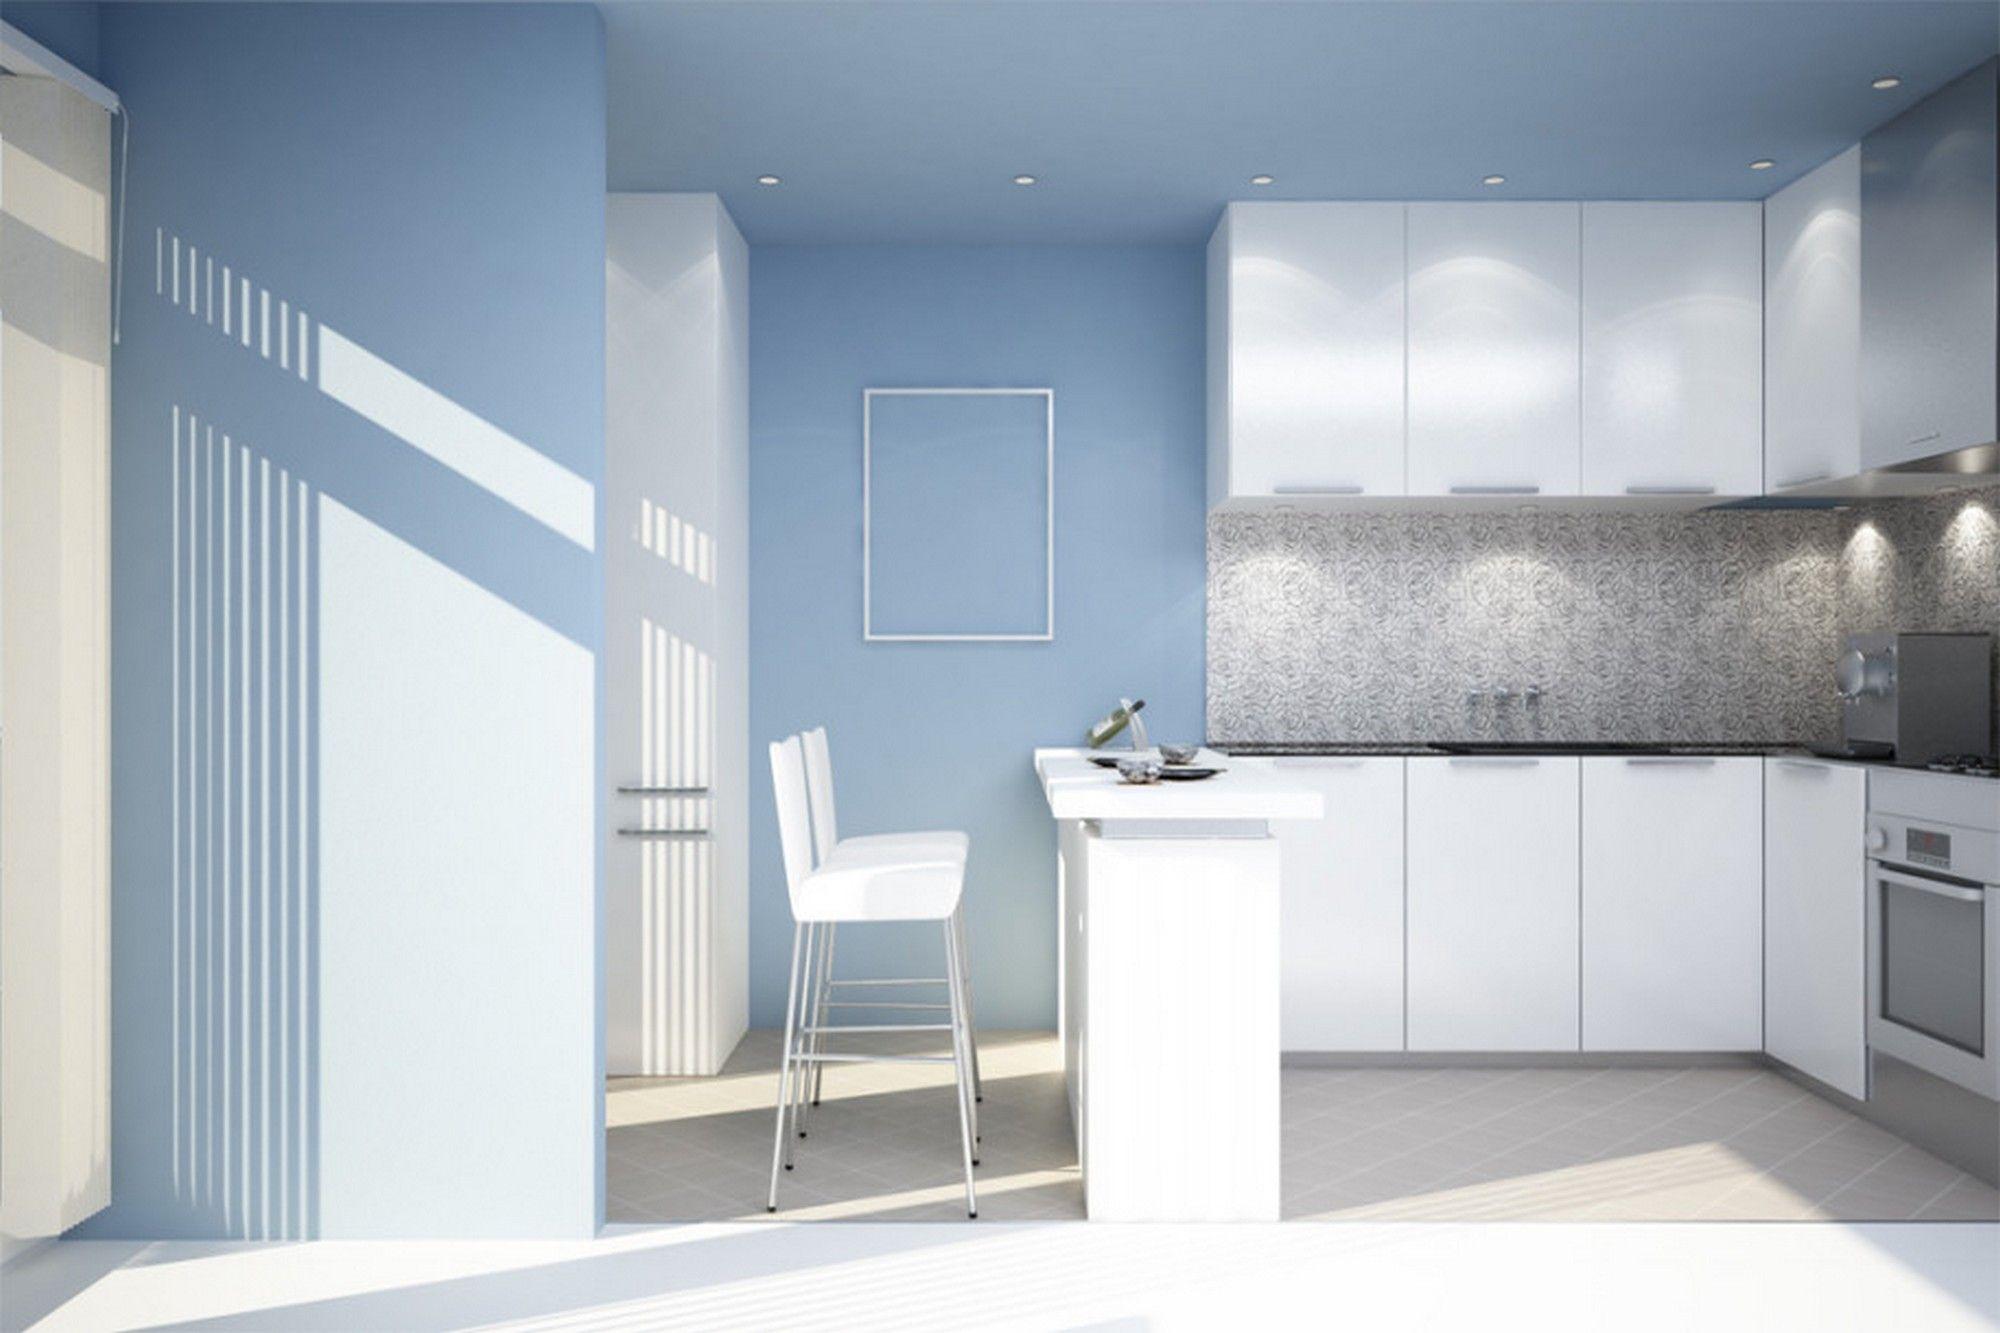 cocina blanca | Cocinas Pequeñas | Pinterest | Cocina blanca, Cocina ...